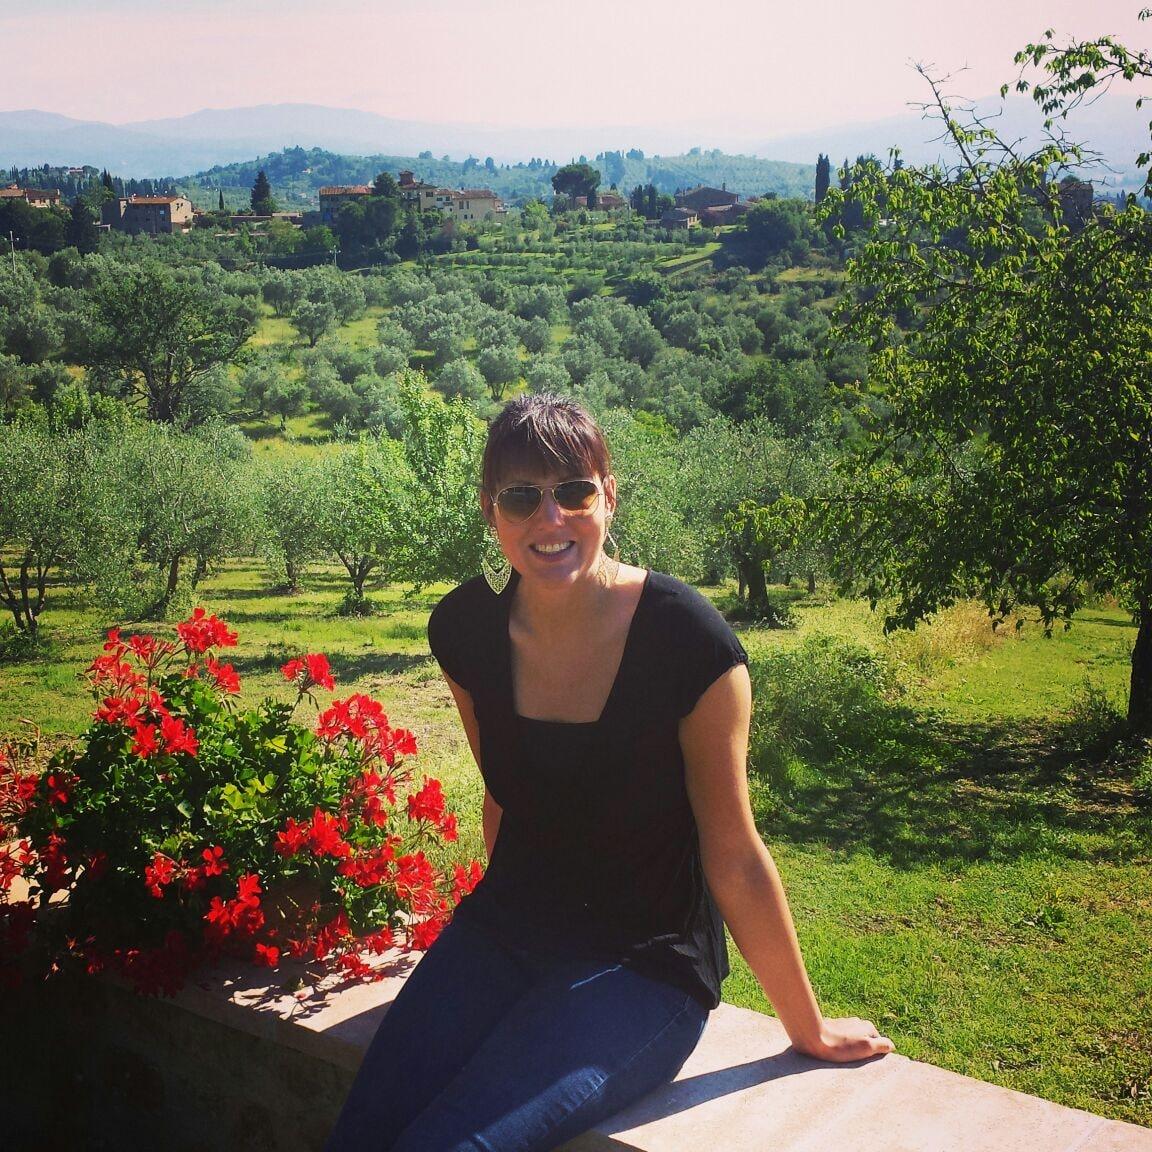 Sono nata e cresciuta a Riva del Garda. Mi sono la